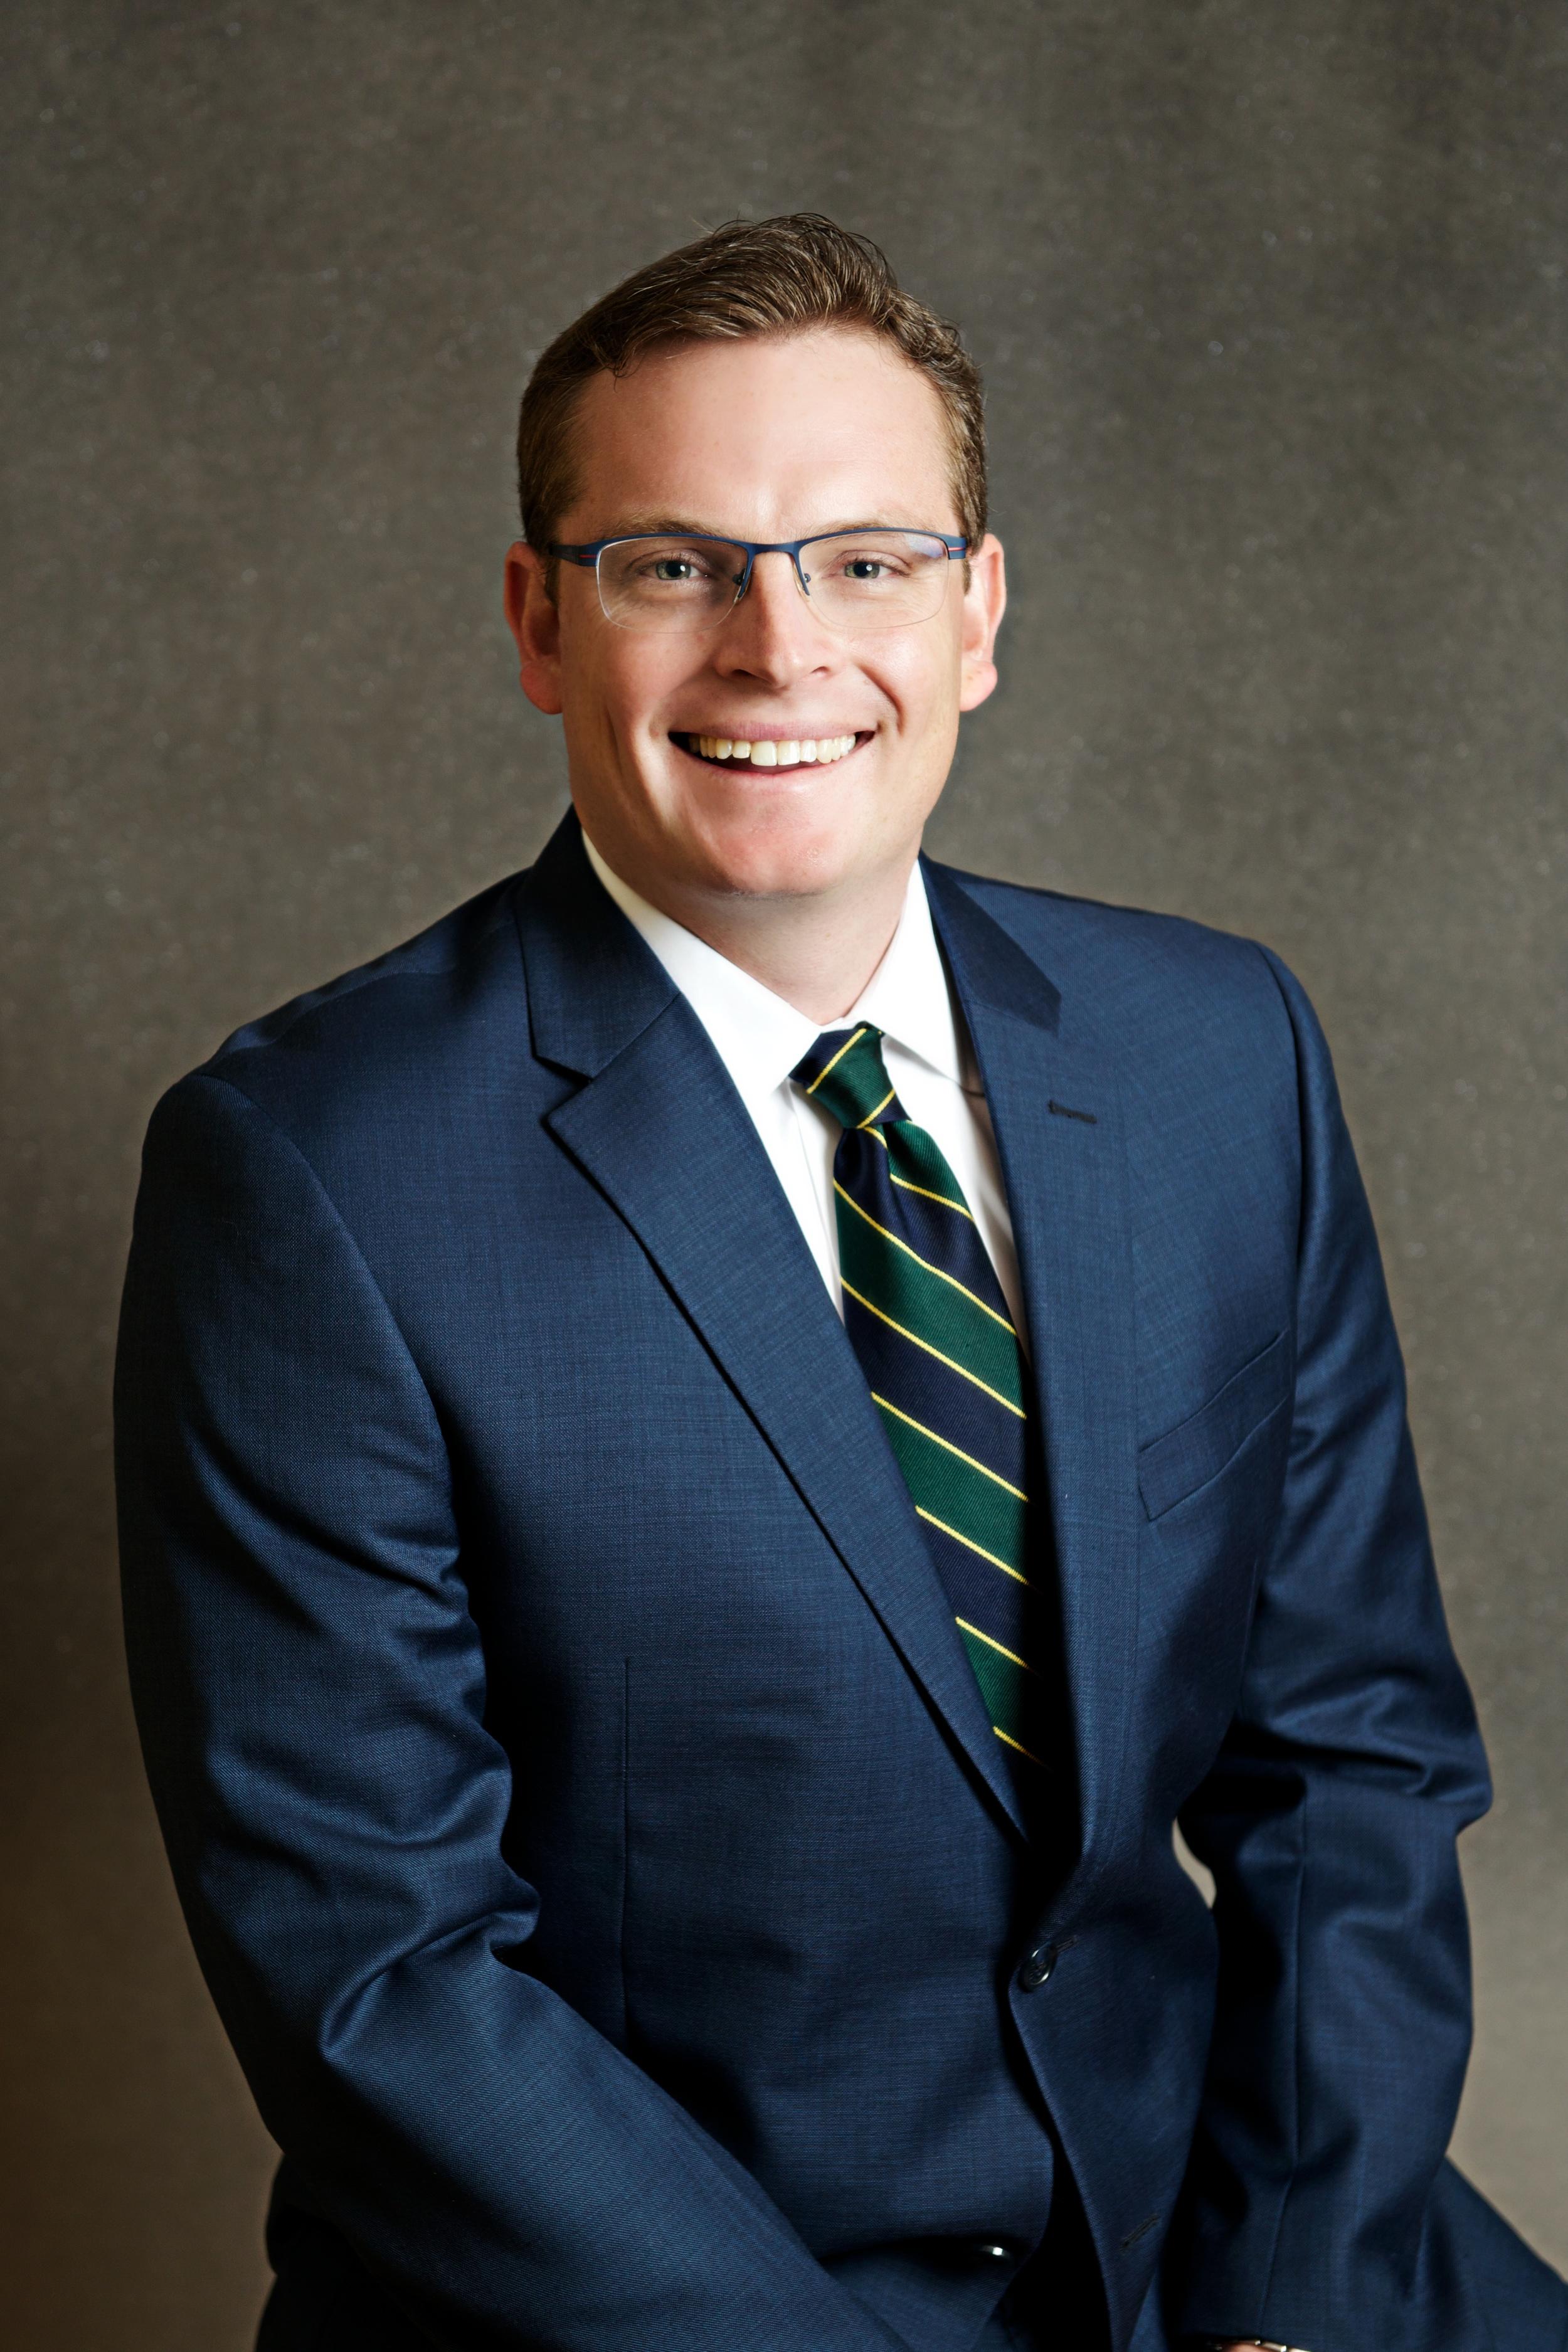 チャッド・アレン   ディレクター - 東アフリカ支部      CFO 兼 COO - リビングストン・インターナショナル大学   公認会計士 - CPA: USA   シニア・アソシエイト  -KPMG LLP   MBA - インディアナ大学